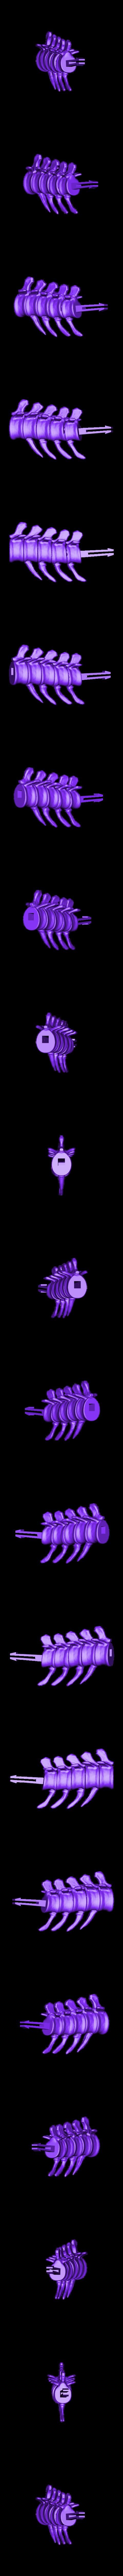 TRex_Tail1.stl Download free STL file T-Rex Skeleton - Leo Burton Mount • 3D printing design, HarryHistory